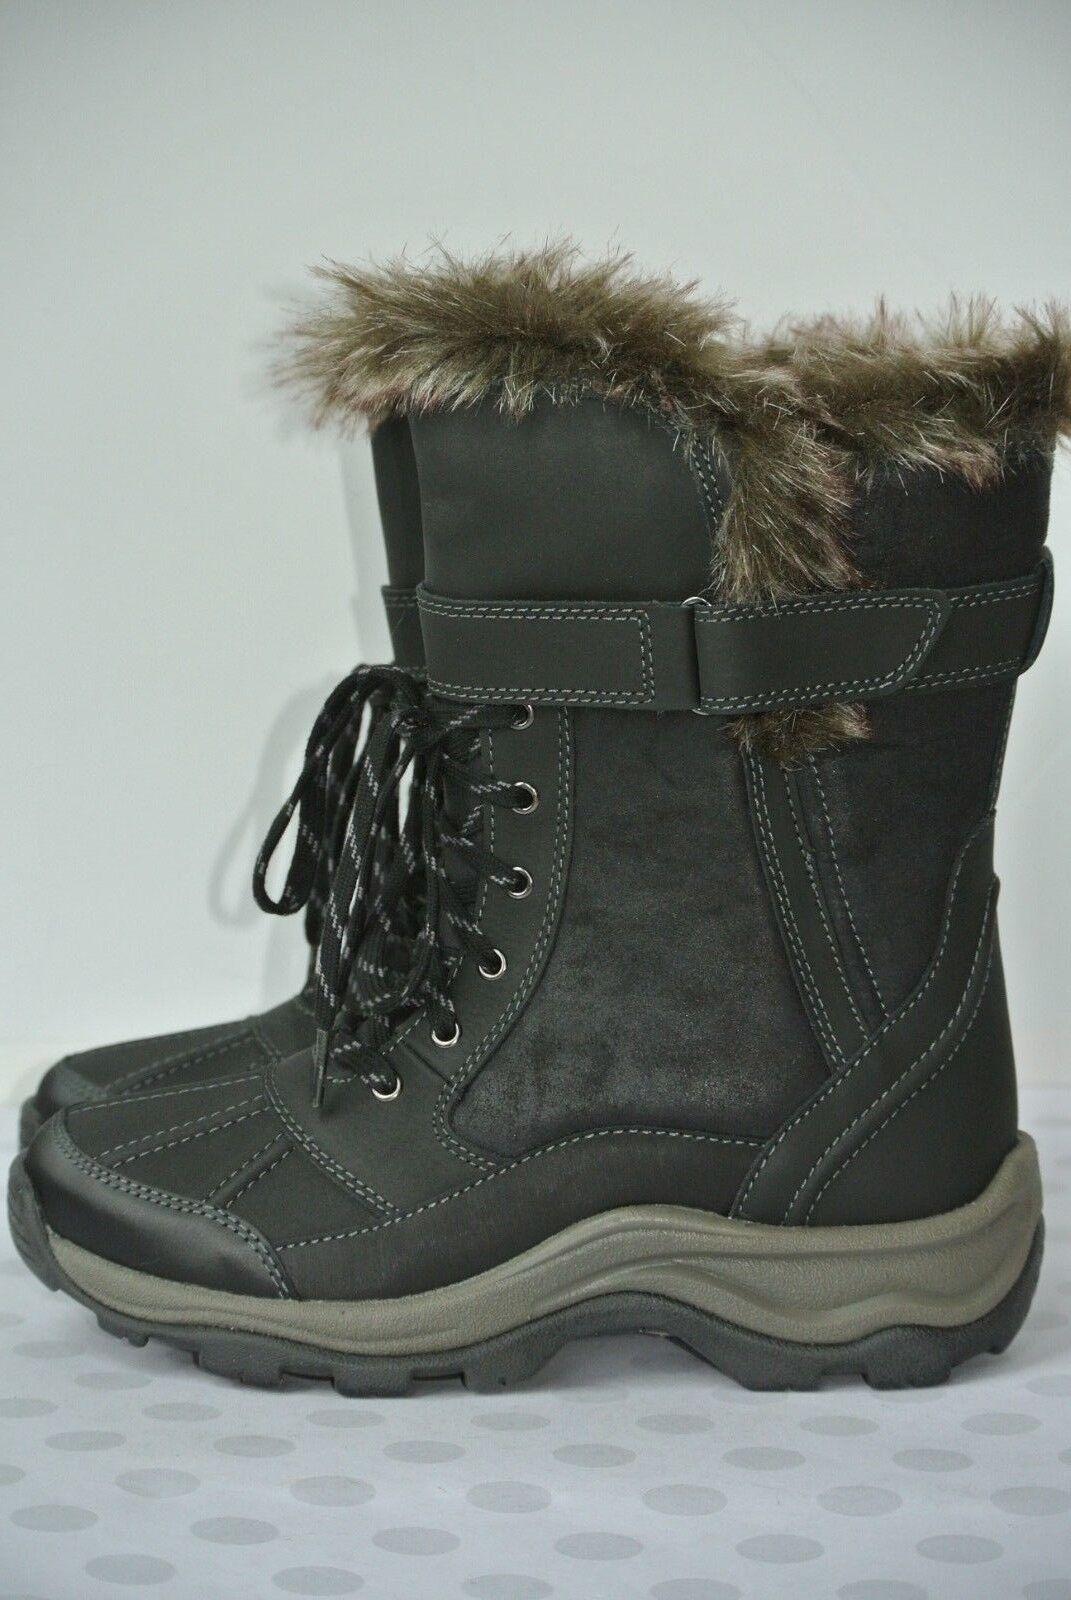 e647c186 Nuevo Clarks Impermeable 6.5 M Negro Cordón de Cuero Para Mujer botas De  Invierno Mazlyn West nomdug8948-Botas